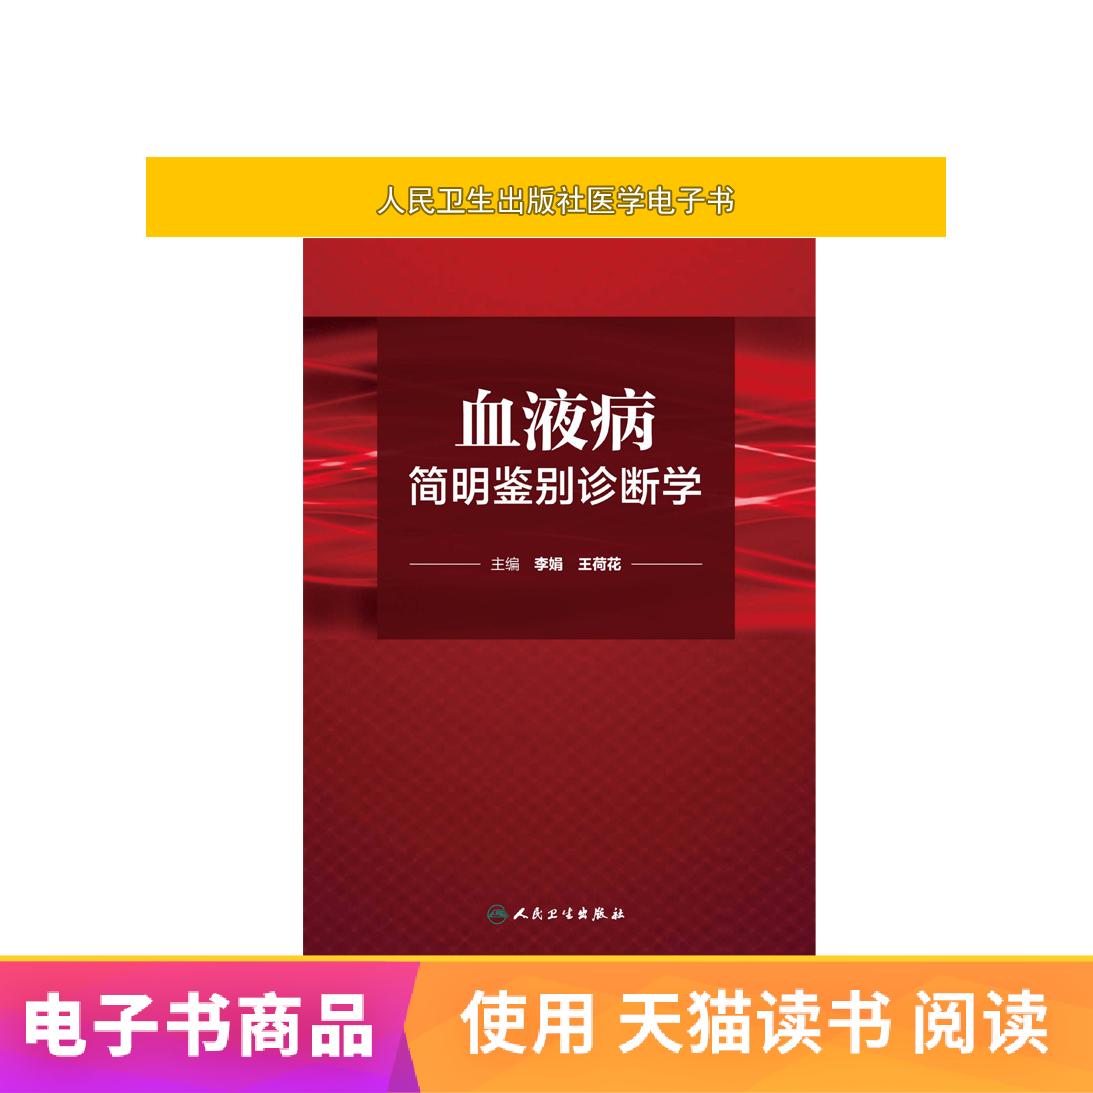 医学电子书 血液病简明鉴别诊断学人民卫生出版社【电子书】